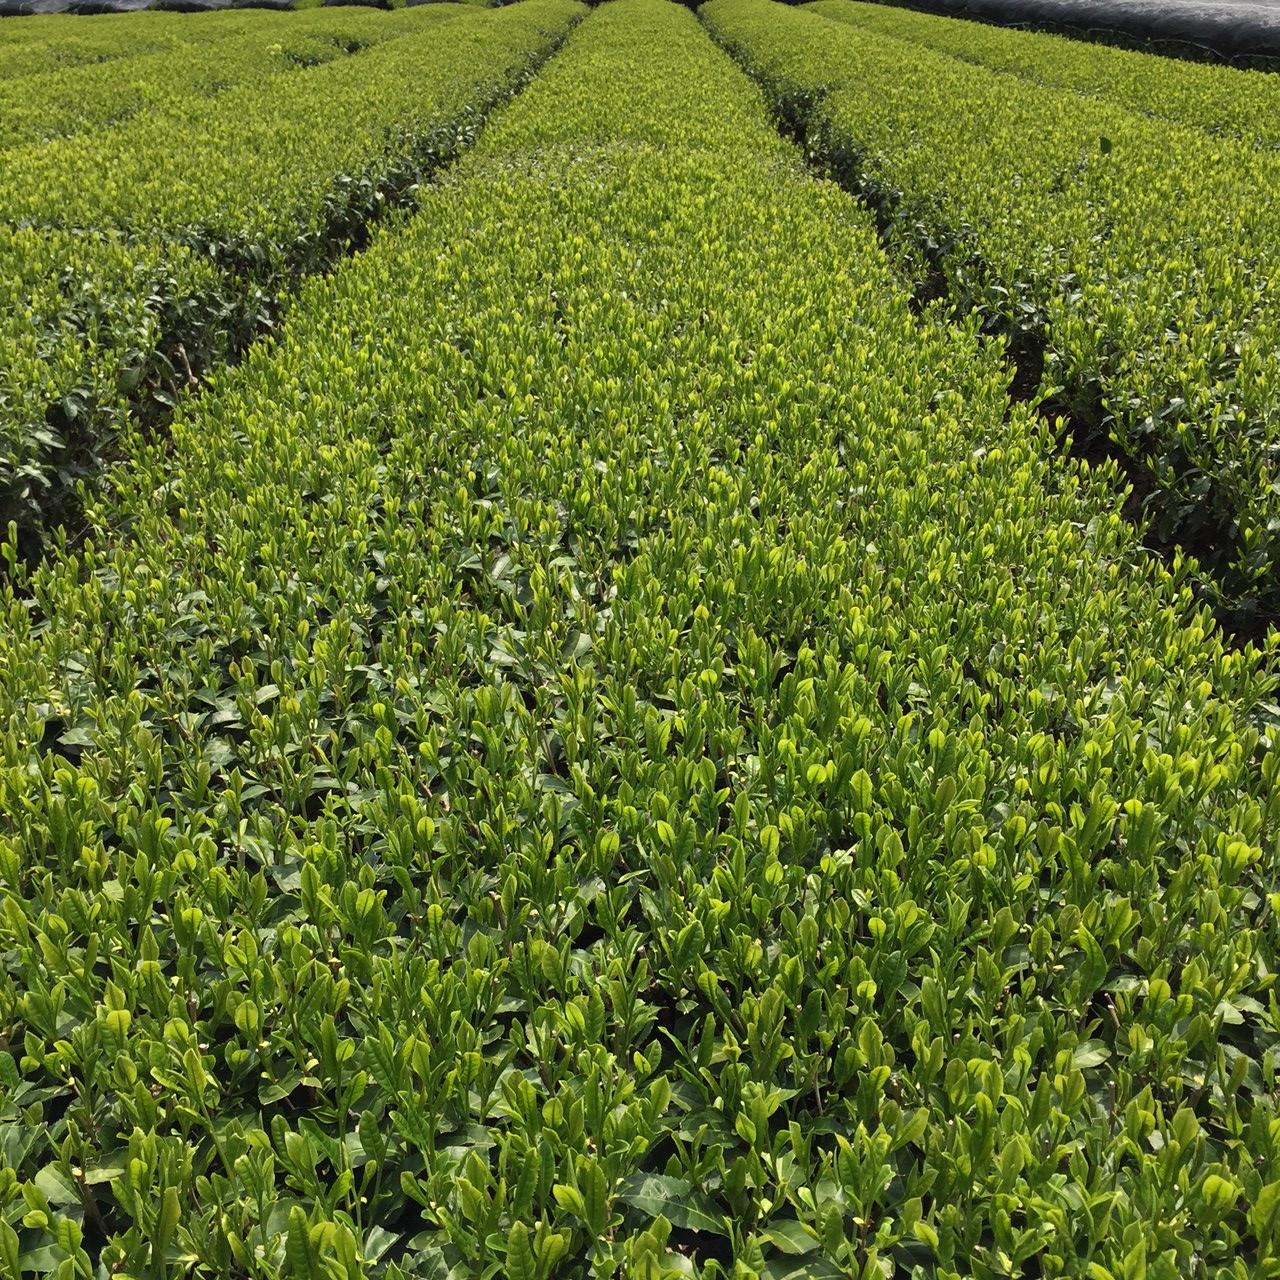 2017年4月22日かごしま緑茶の茶園風景です。品種はヤブキタです。小さな新芽成長中。